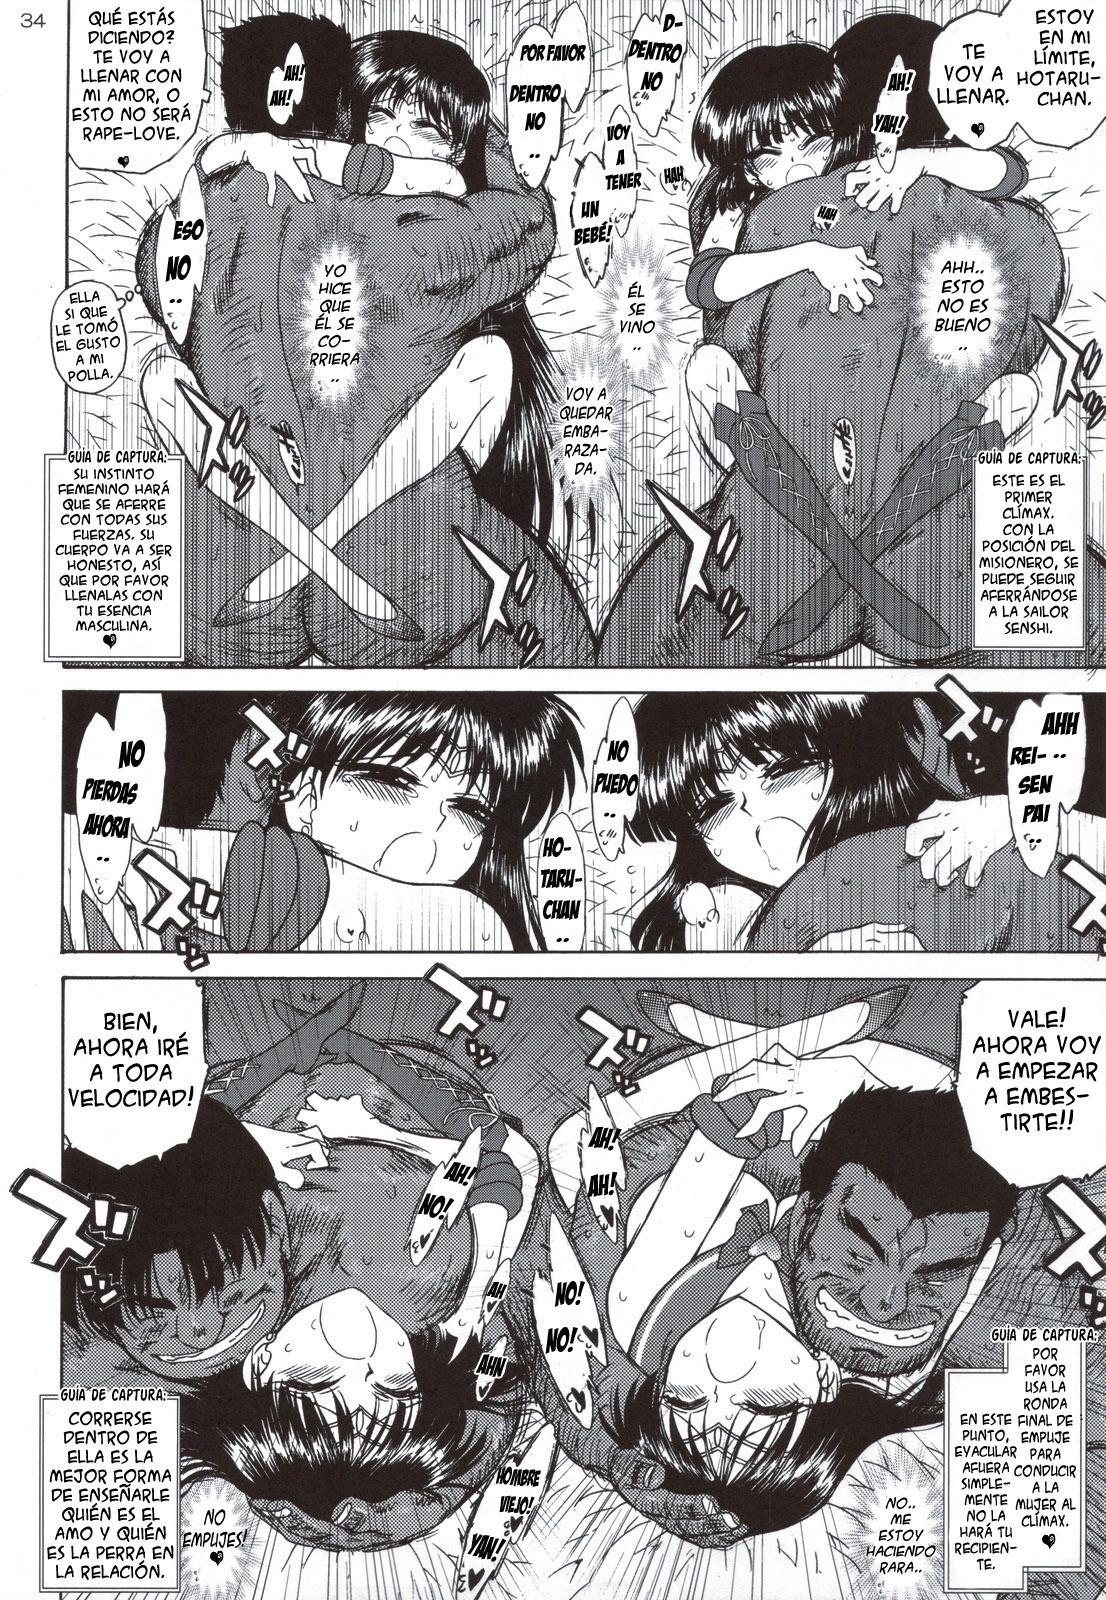 sailor moon hentai doujinshi